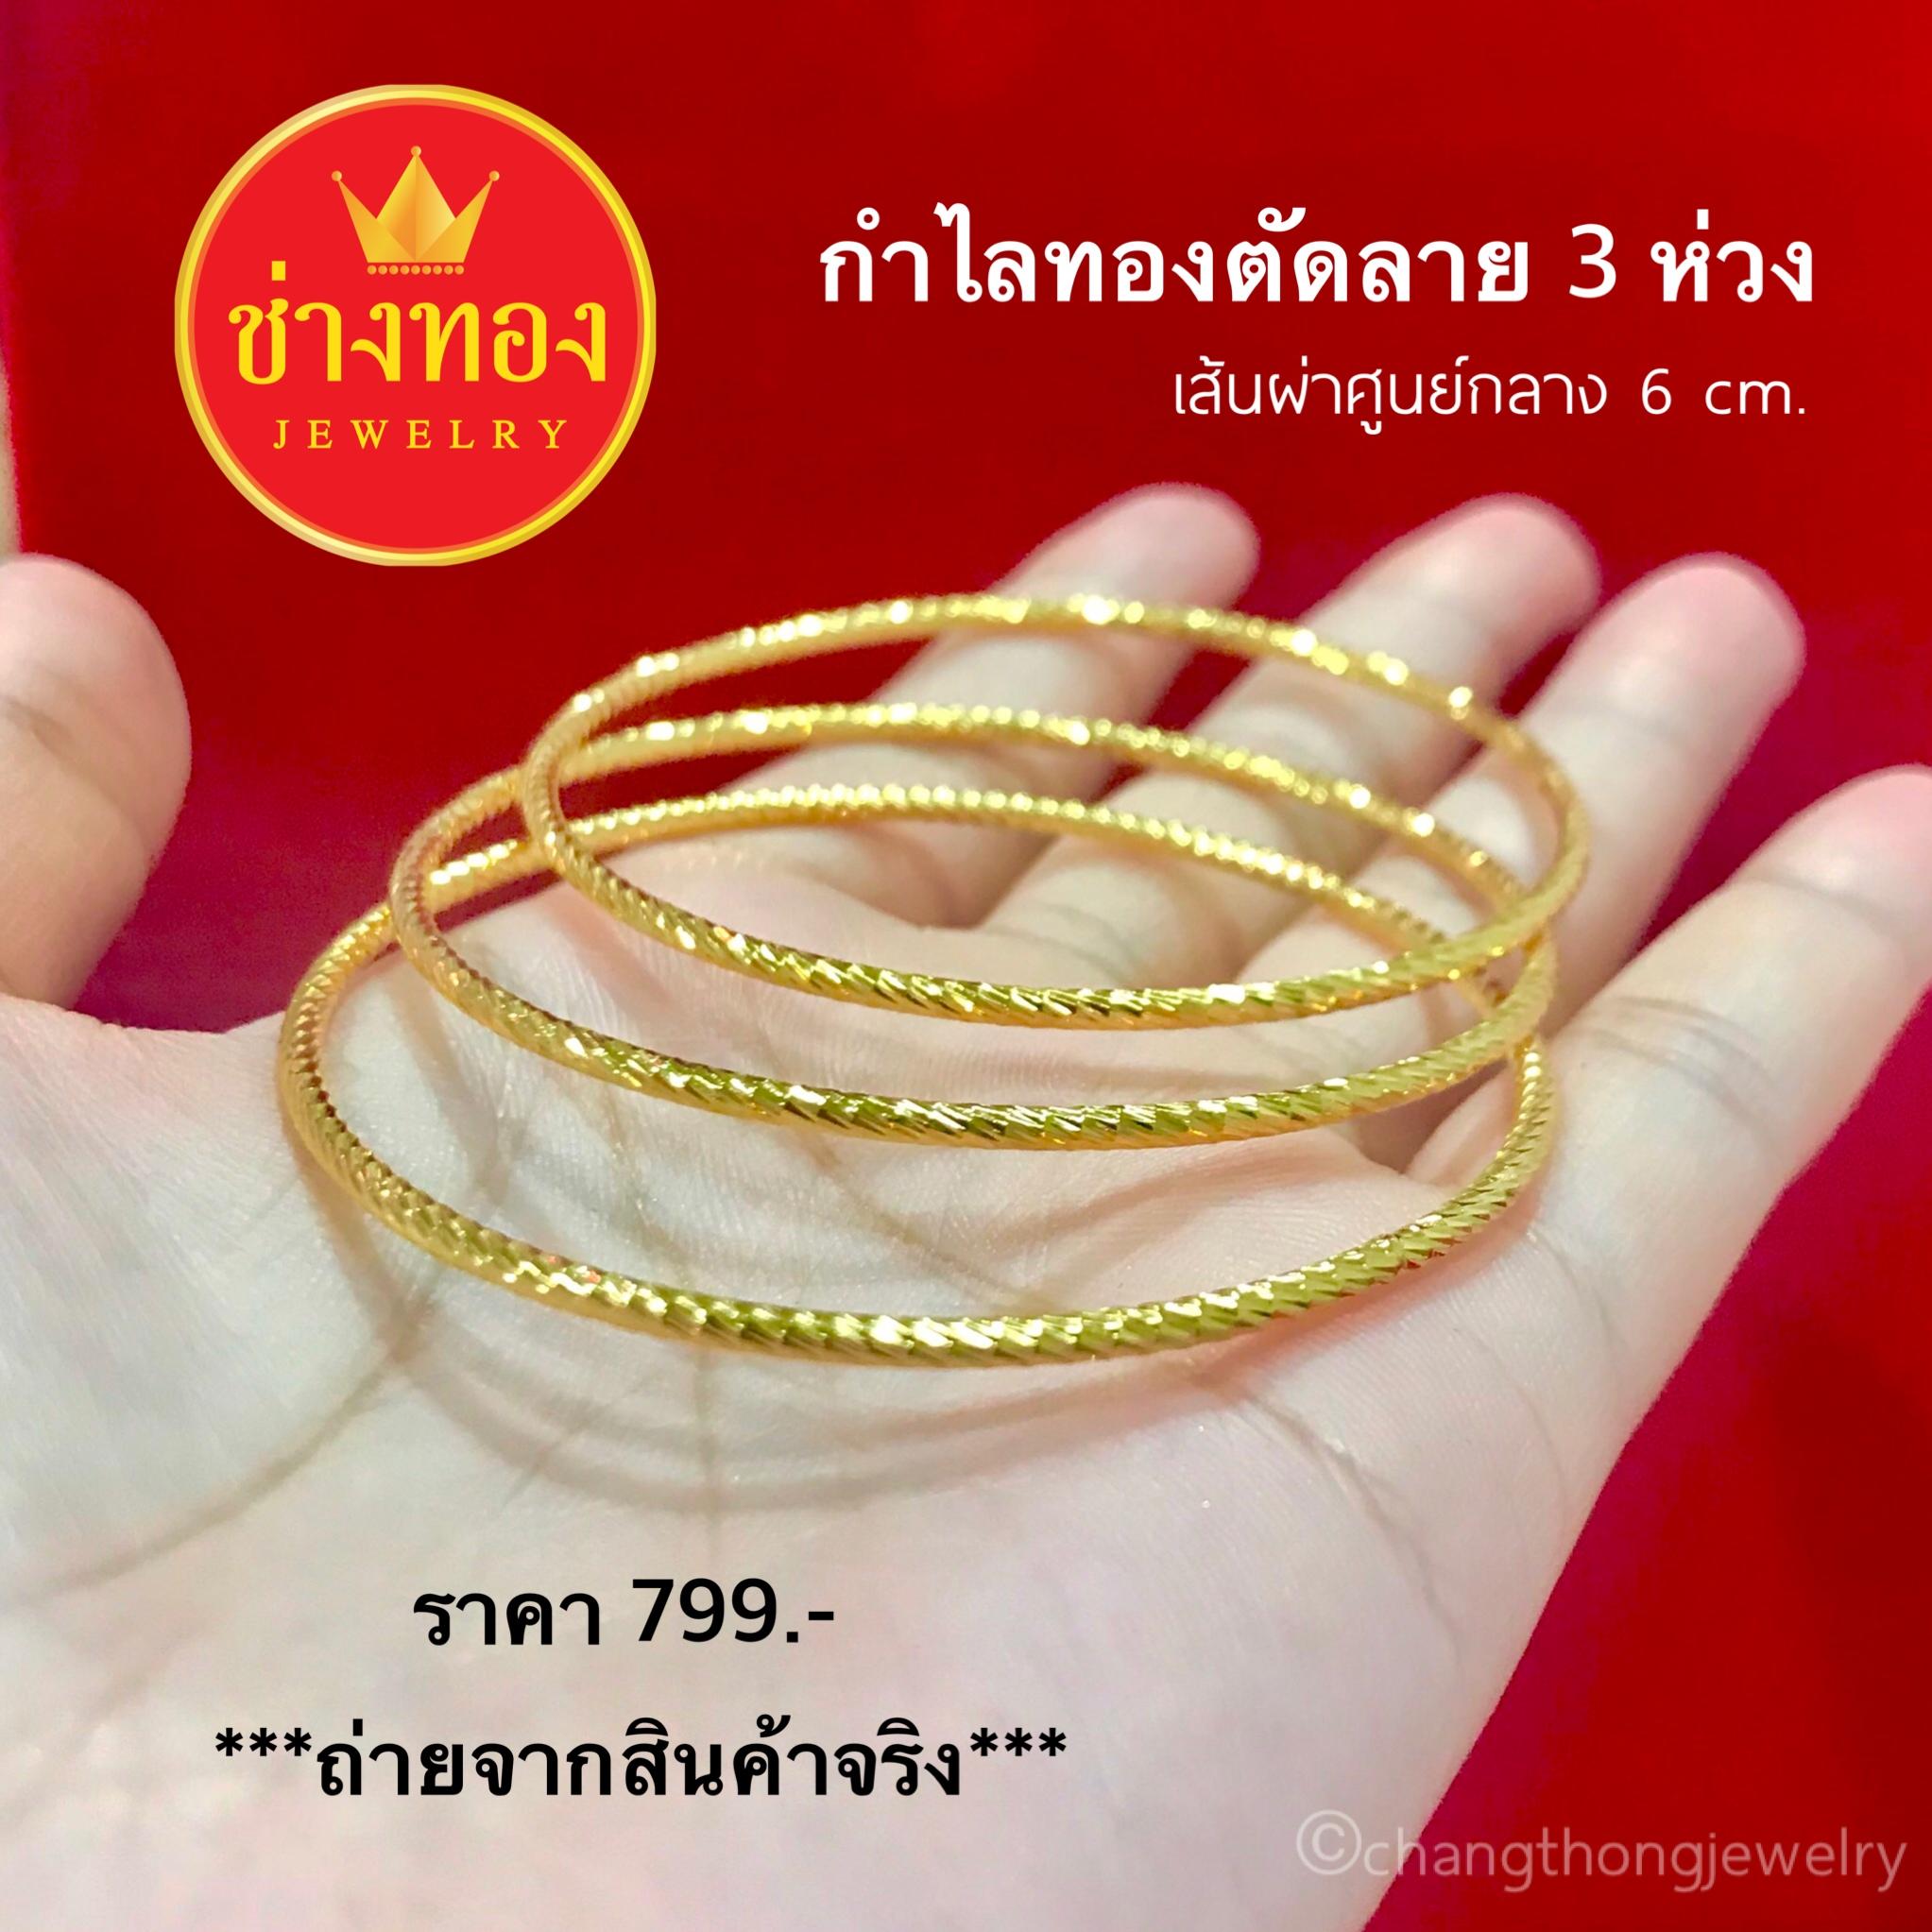 กำไลทองตัดลาย 3 ห่วง (เส้นผ่าศูนย์กลาง 6 cm.)